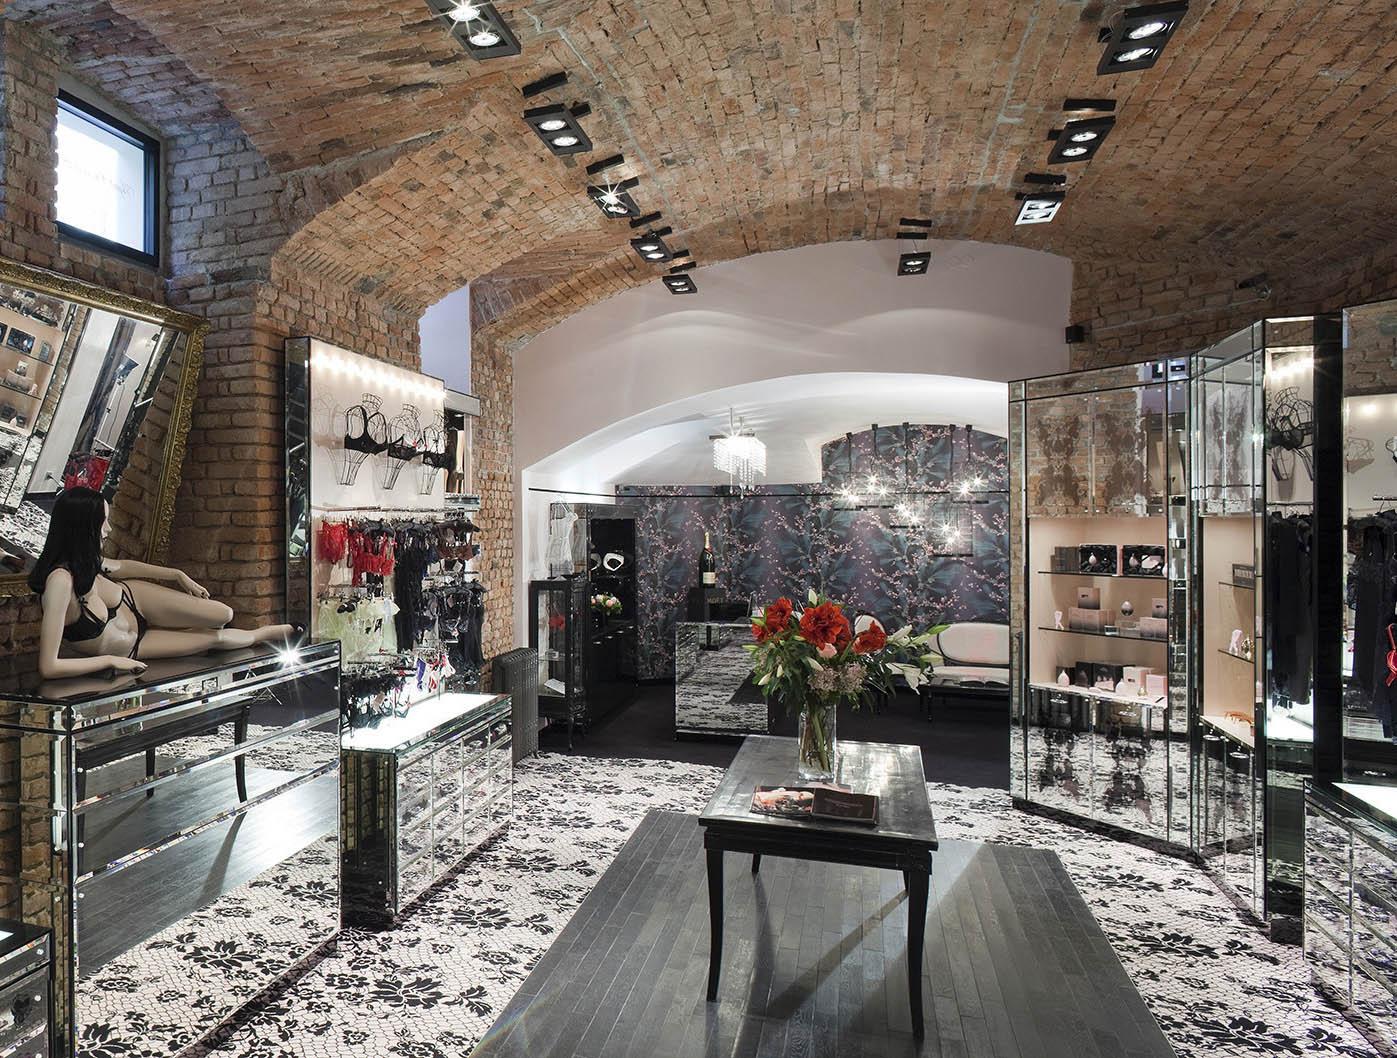 Oblíbenou značku našeho hostujícího šéfredaktora založila modelka frustrovaná znudné nabídky spodního prádla Serena Reesová se svým manželem JosephemCorrém– synem návrhářky Vivienne Westwoodové. Ty nejsvůdnější kousky zluxu...